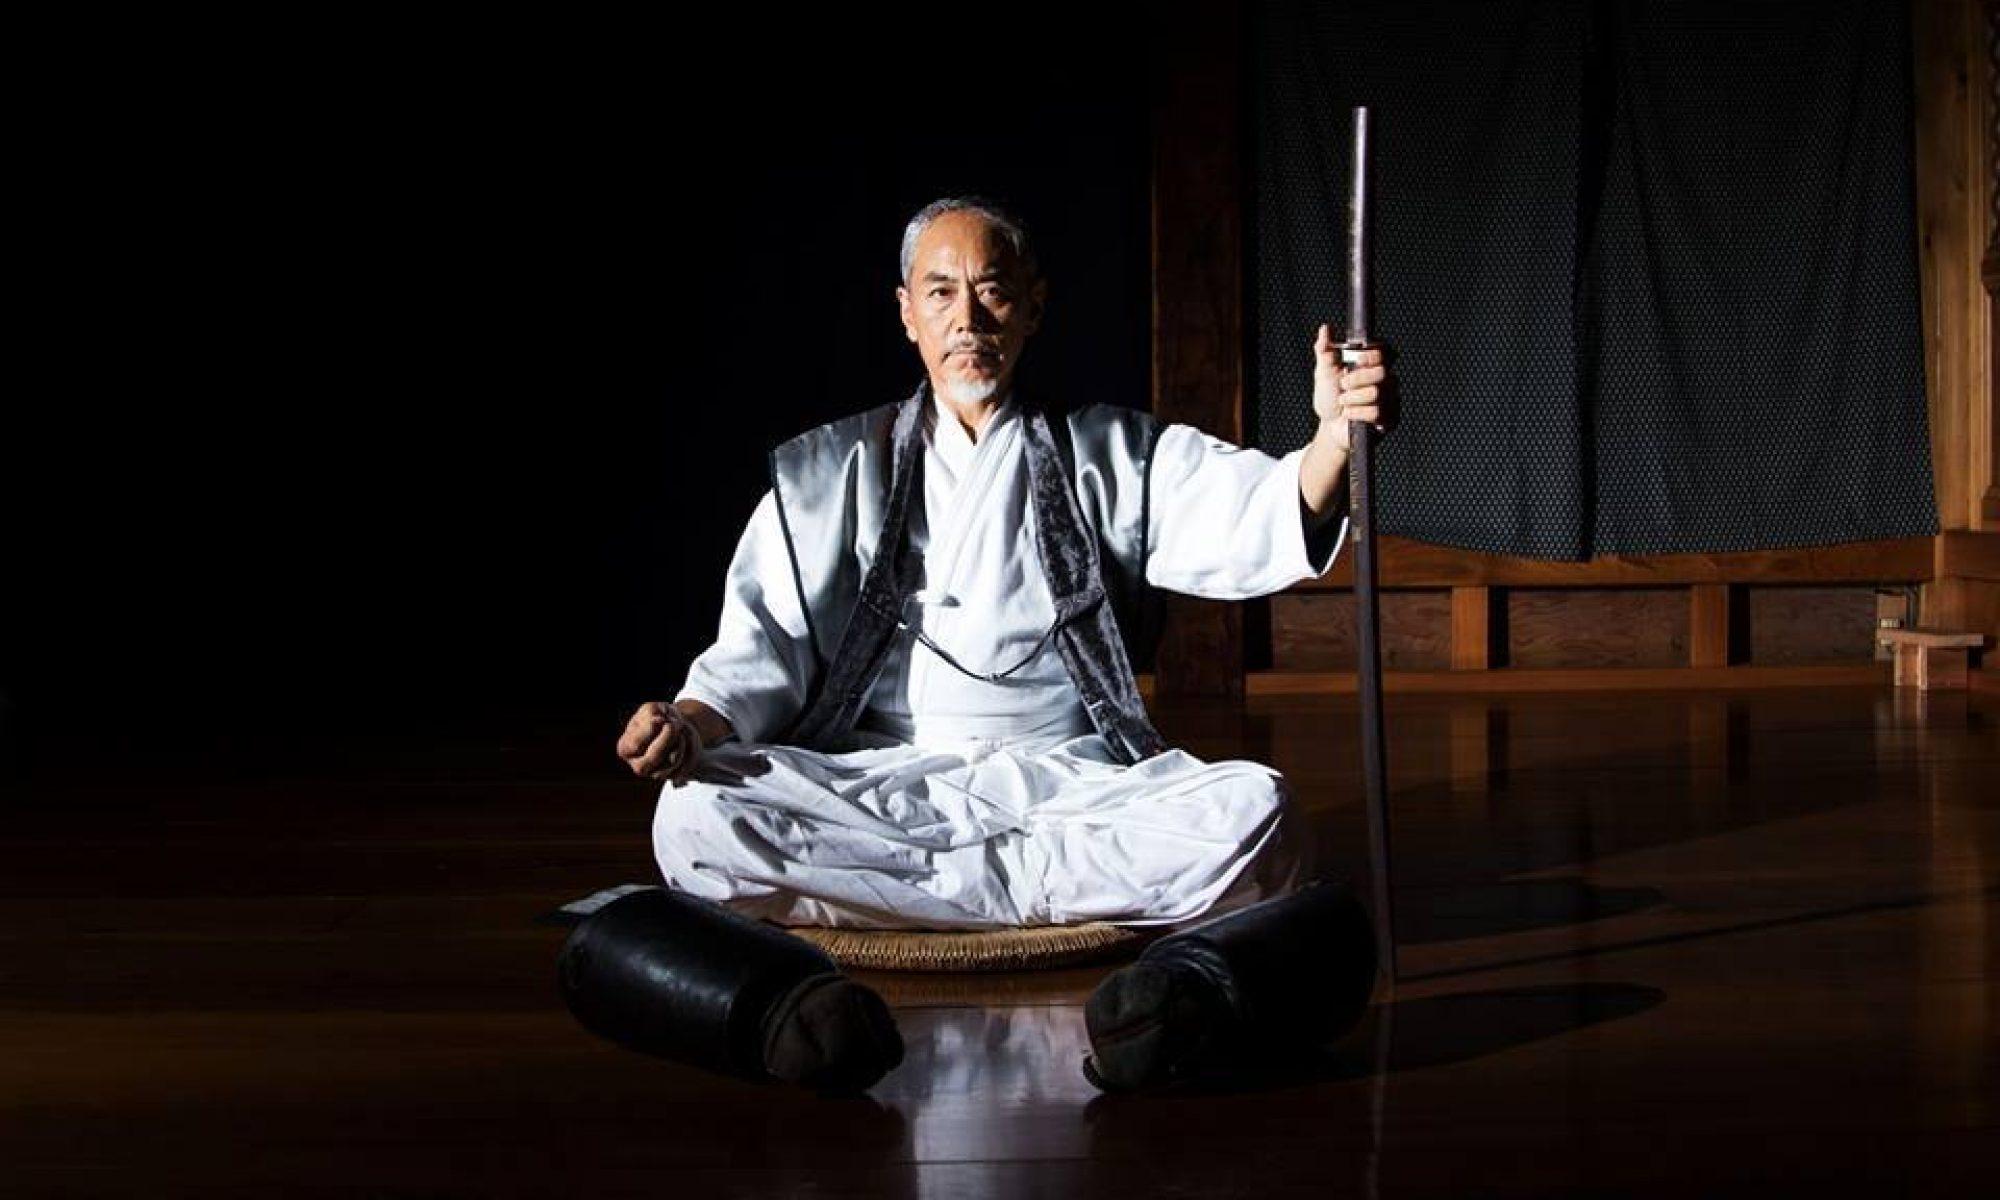 Hokushin Itto Ryu Kenjutsu